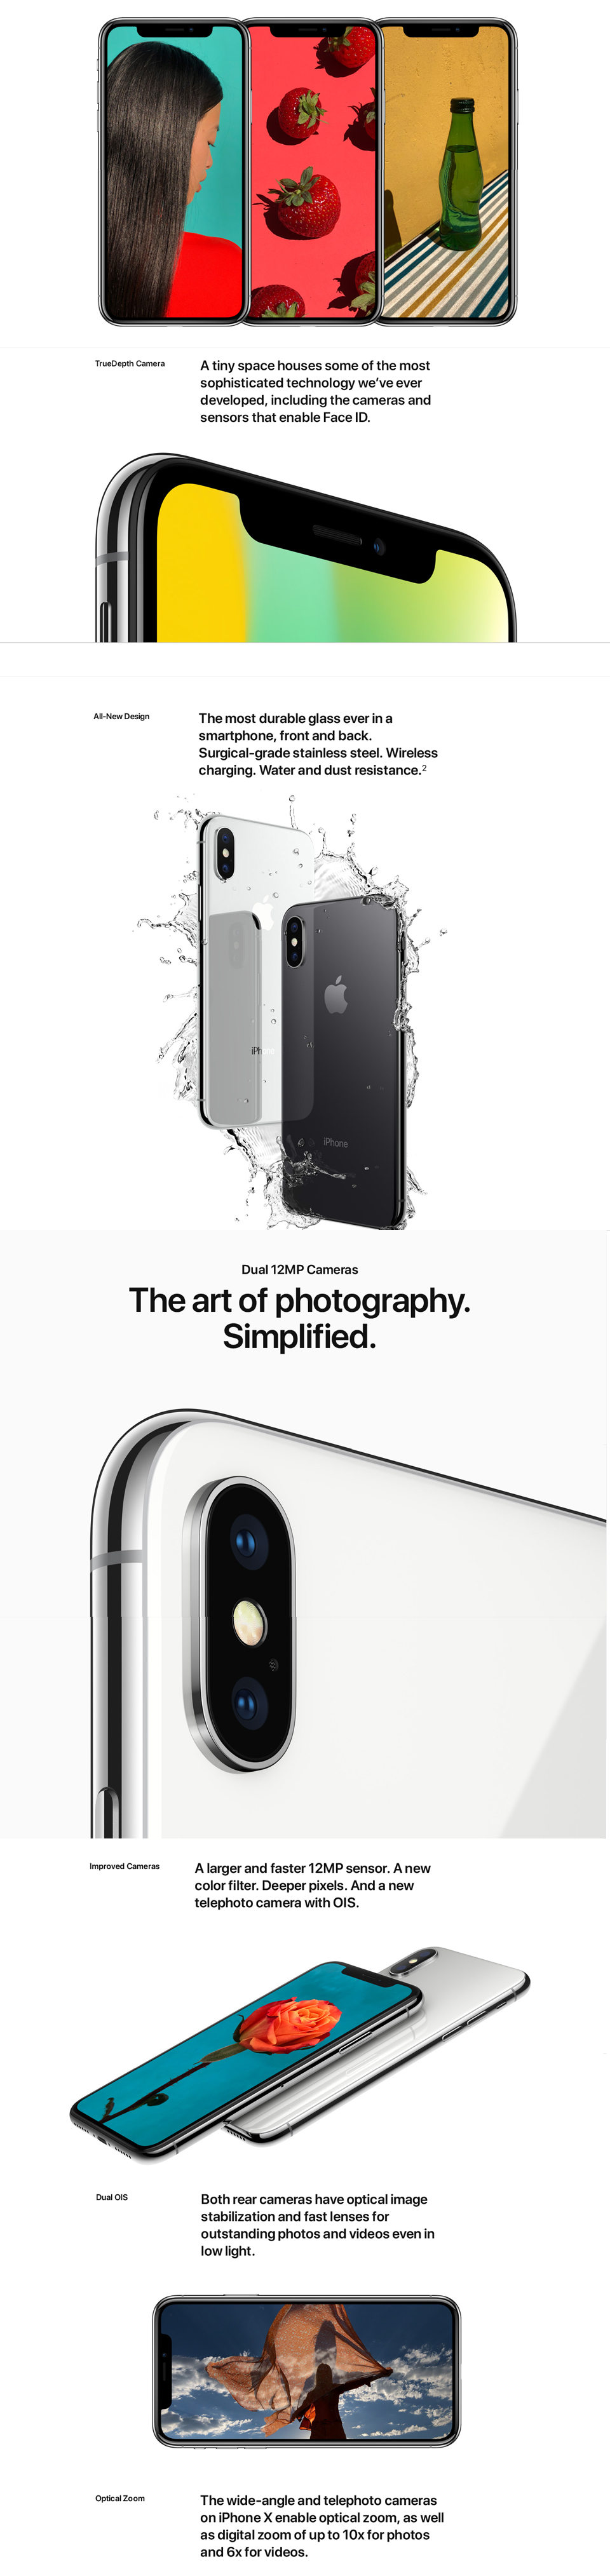 iPhoneX-3_02